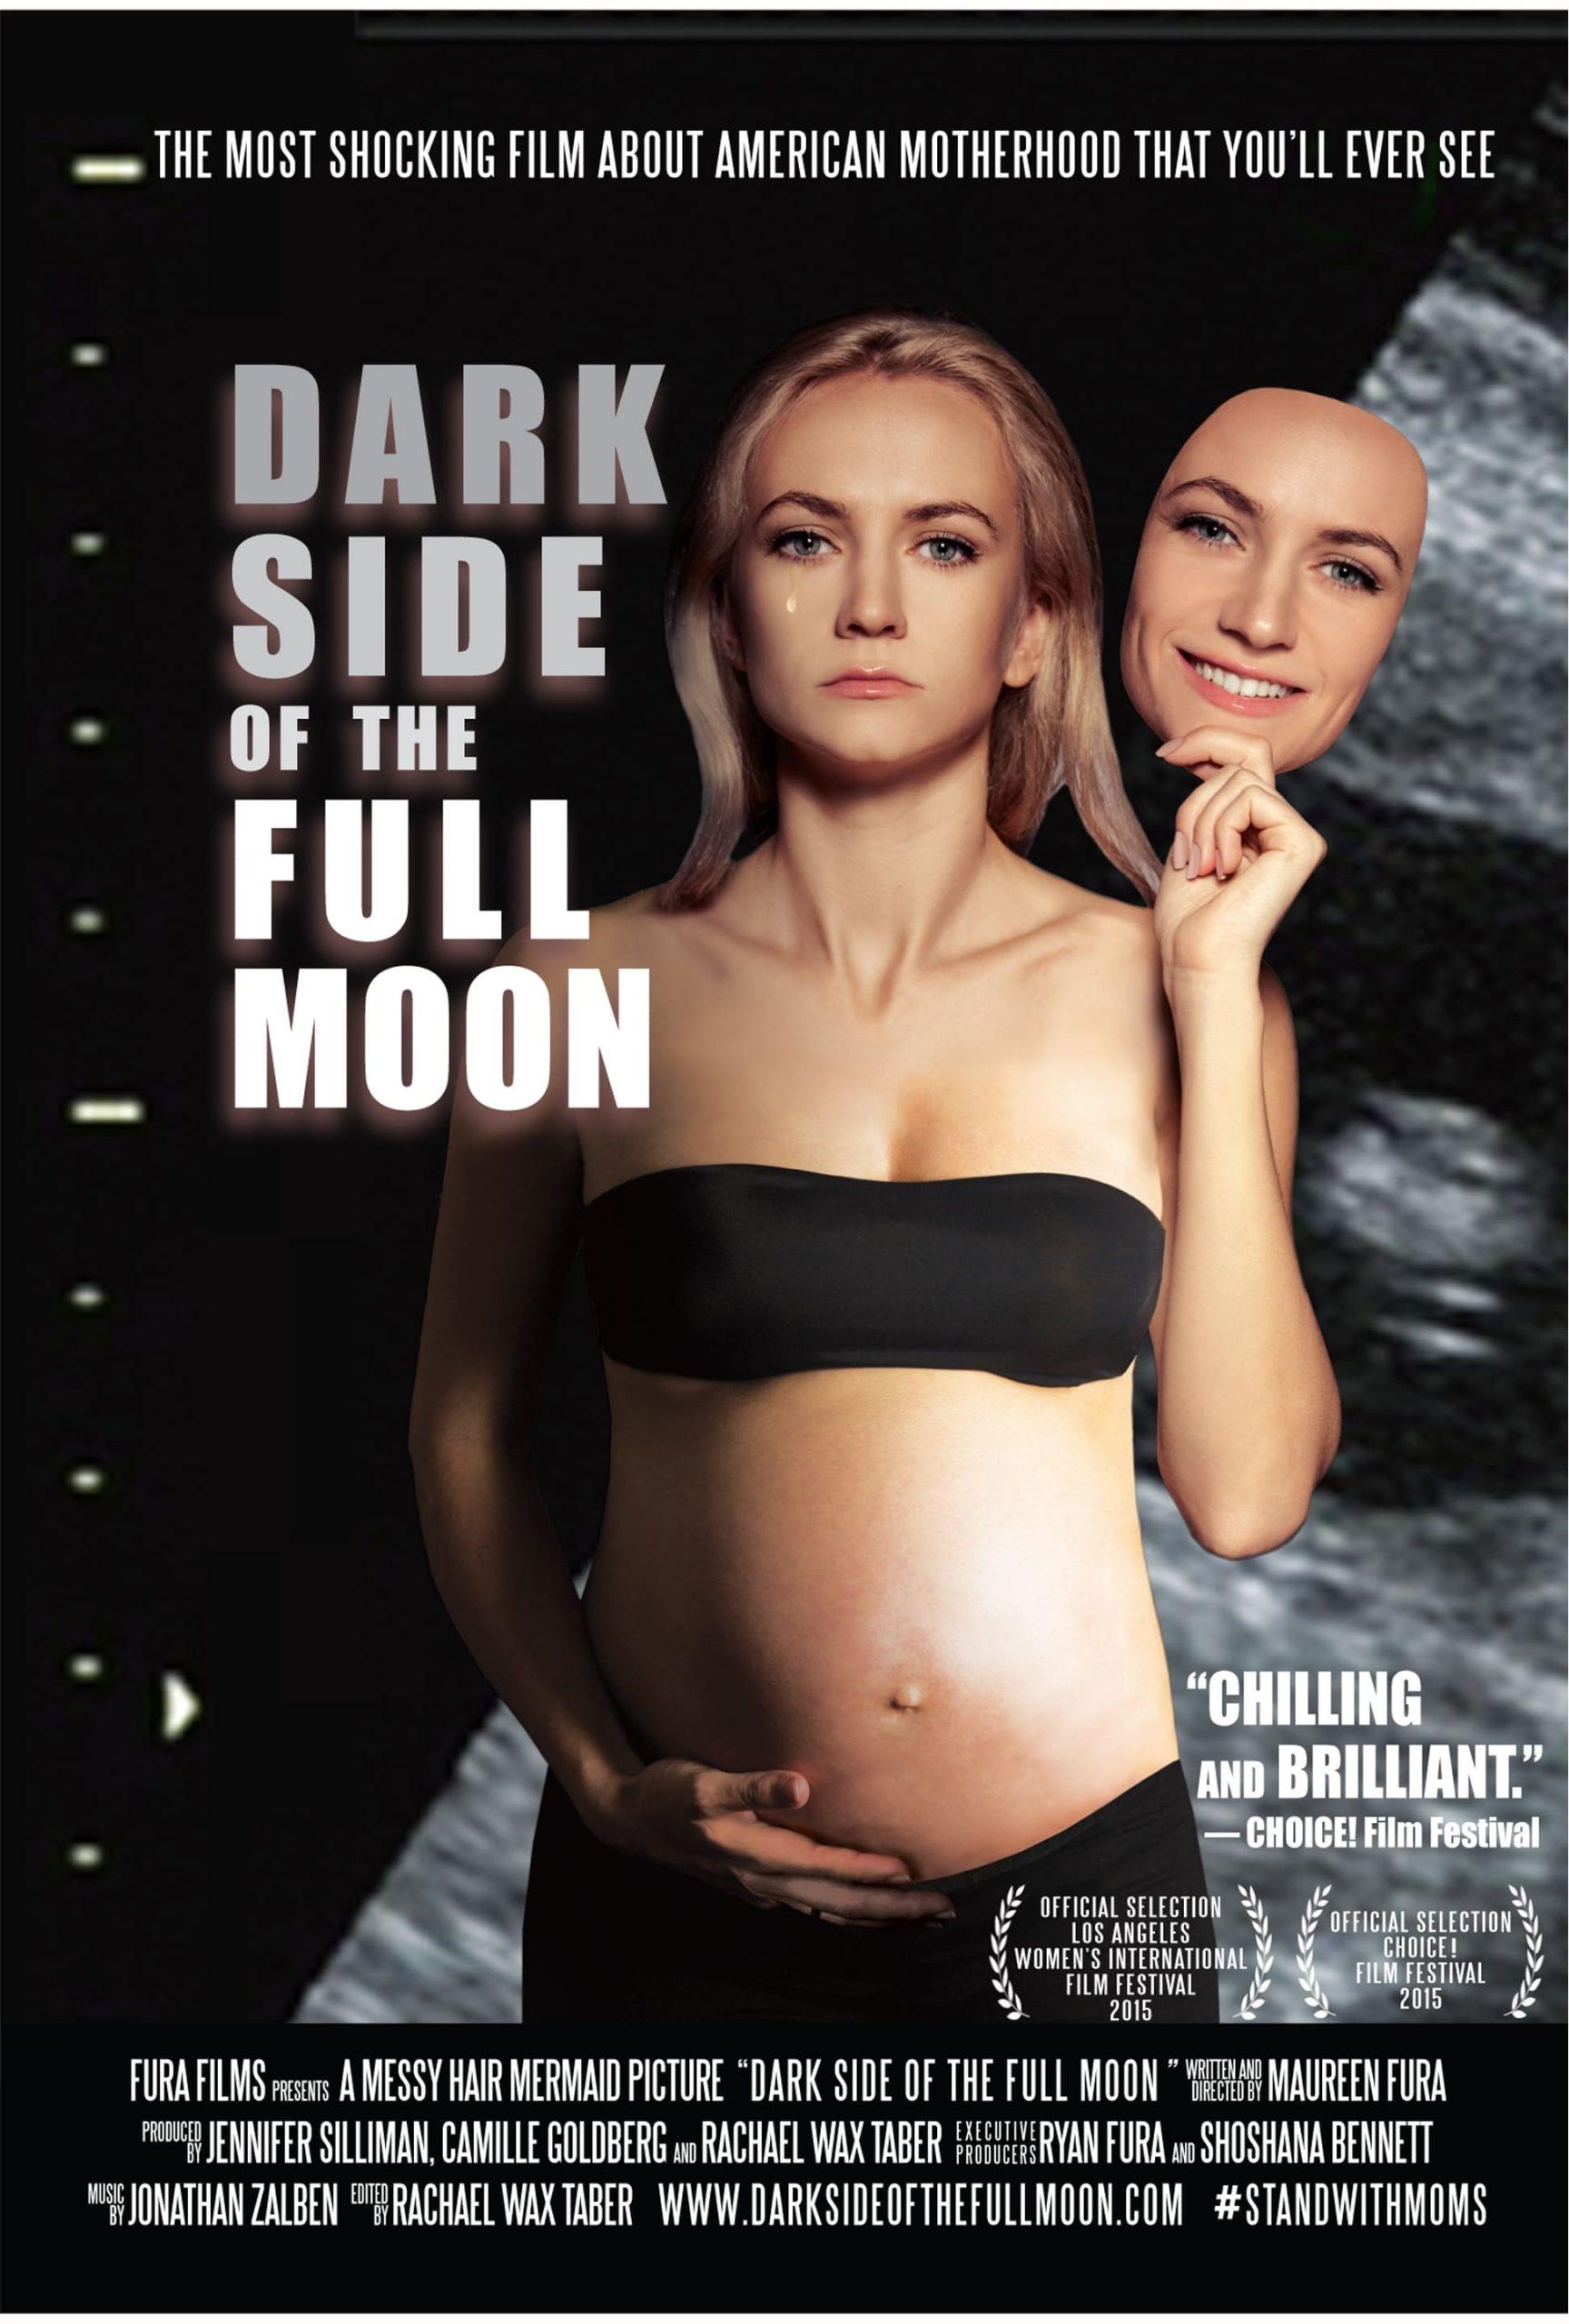 Poster for Dark Side of the Full Moon